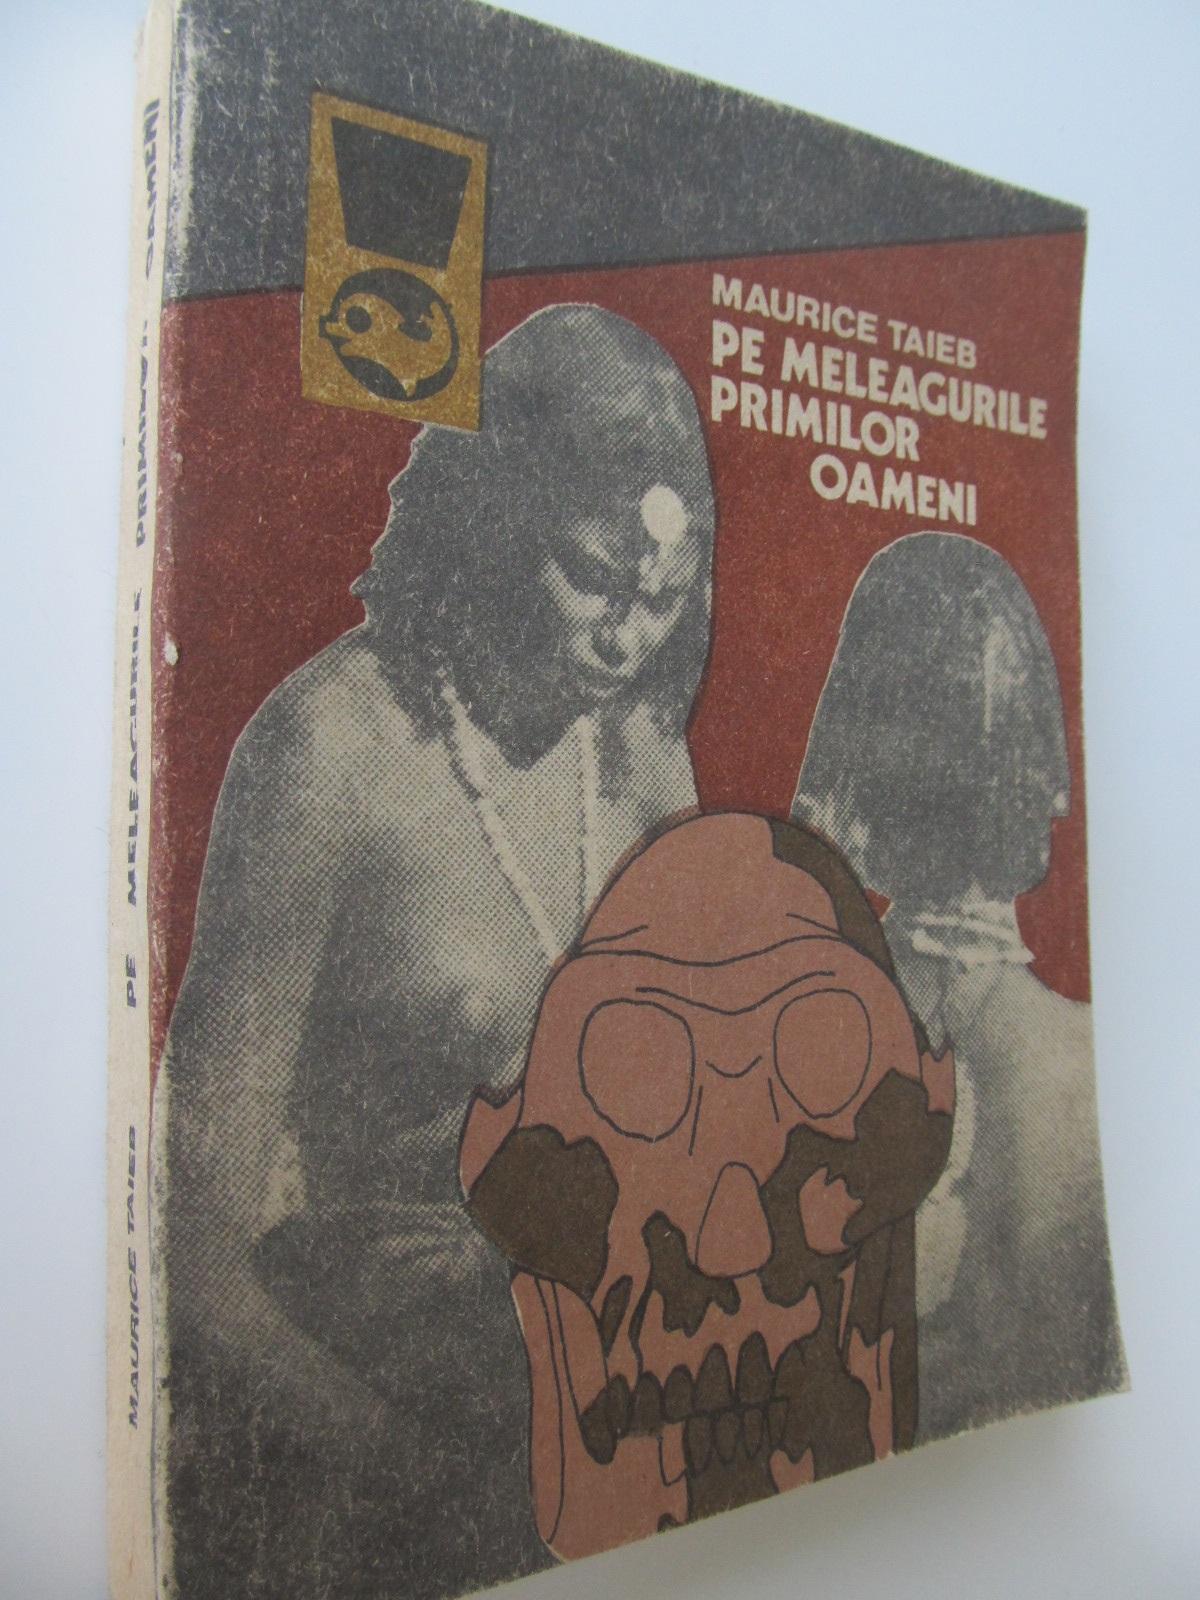 Pe meleagurile primilor oameni - Maurice Taieb   Detalii carte